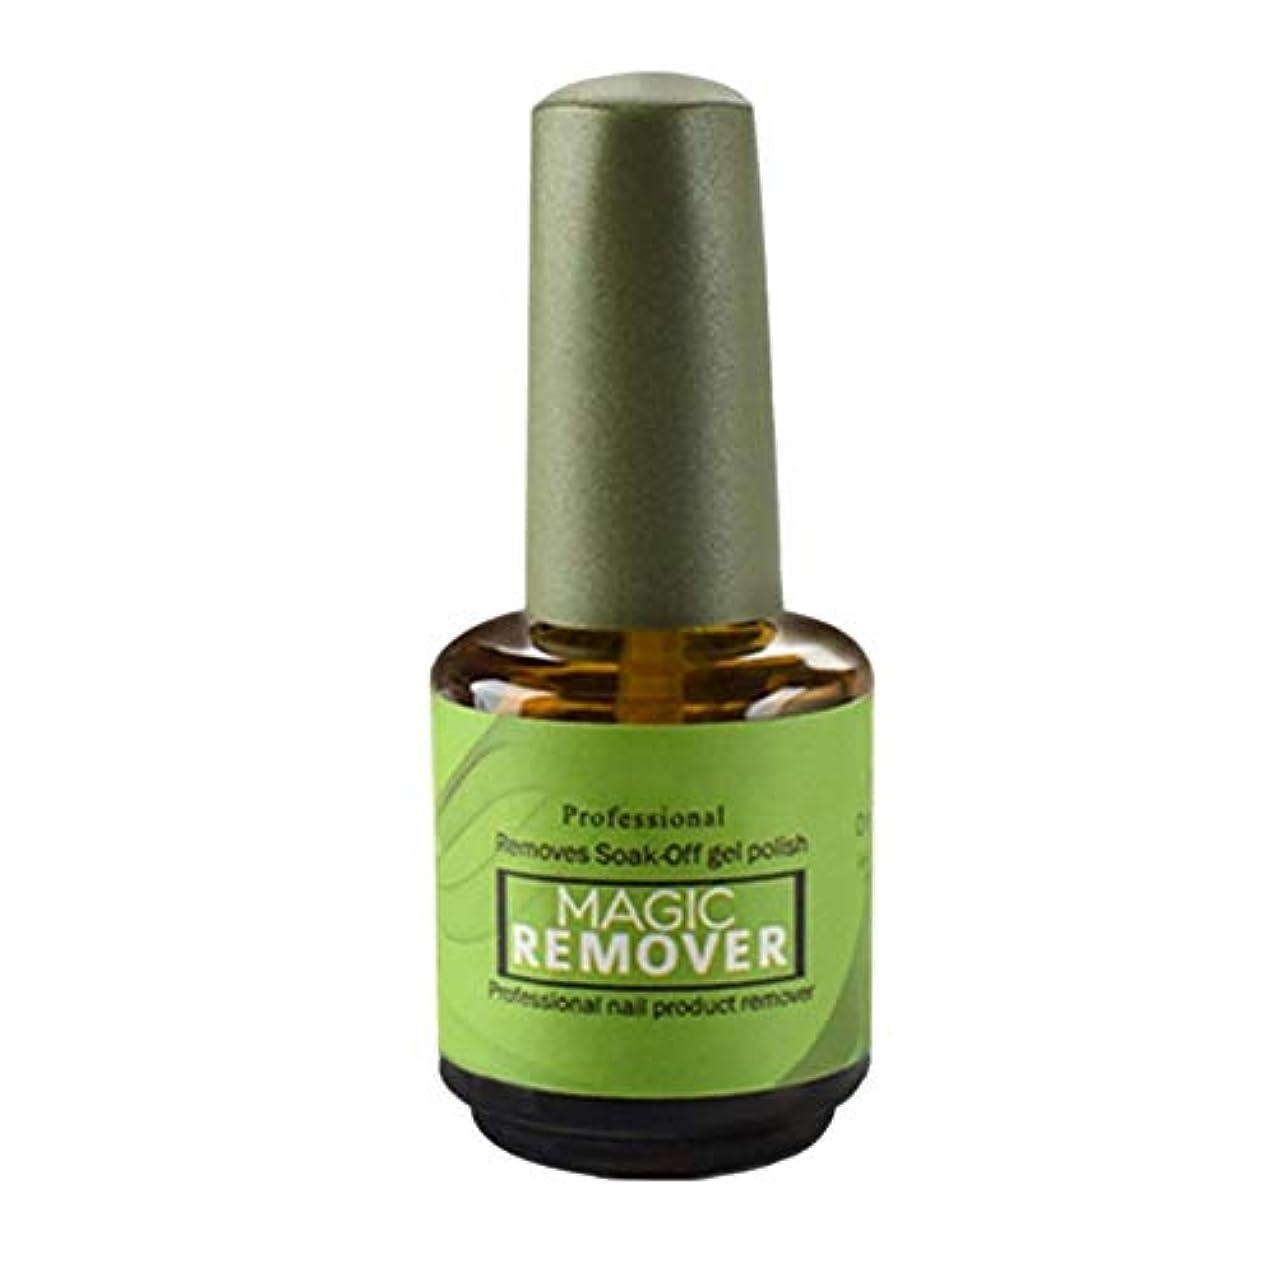 急襲限りなくボイコットGorgeou マジックリムーバーがネイルポリッシュを拭き取ると、ジェルプロフェッショナルバーストクリーン脱脂剤が除去されます